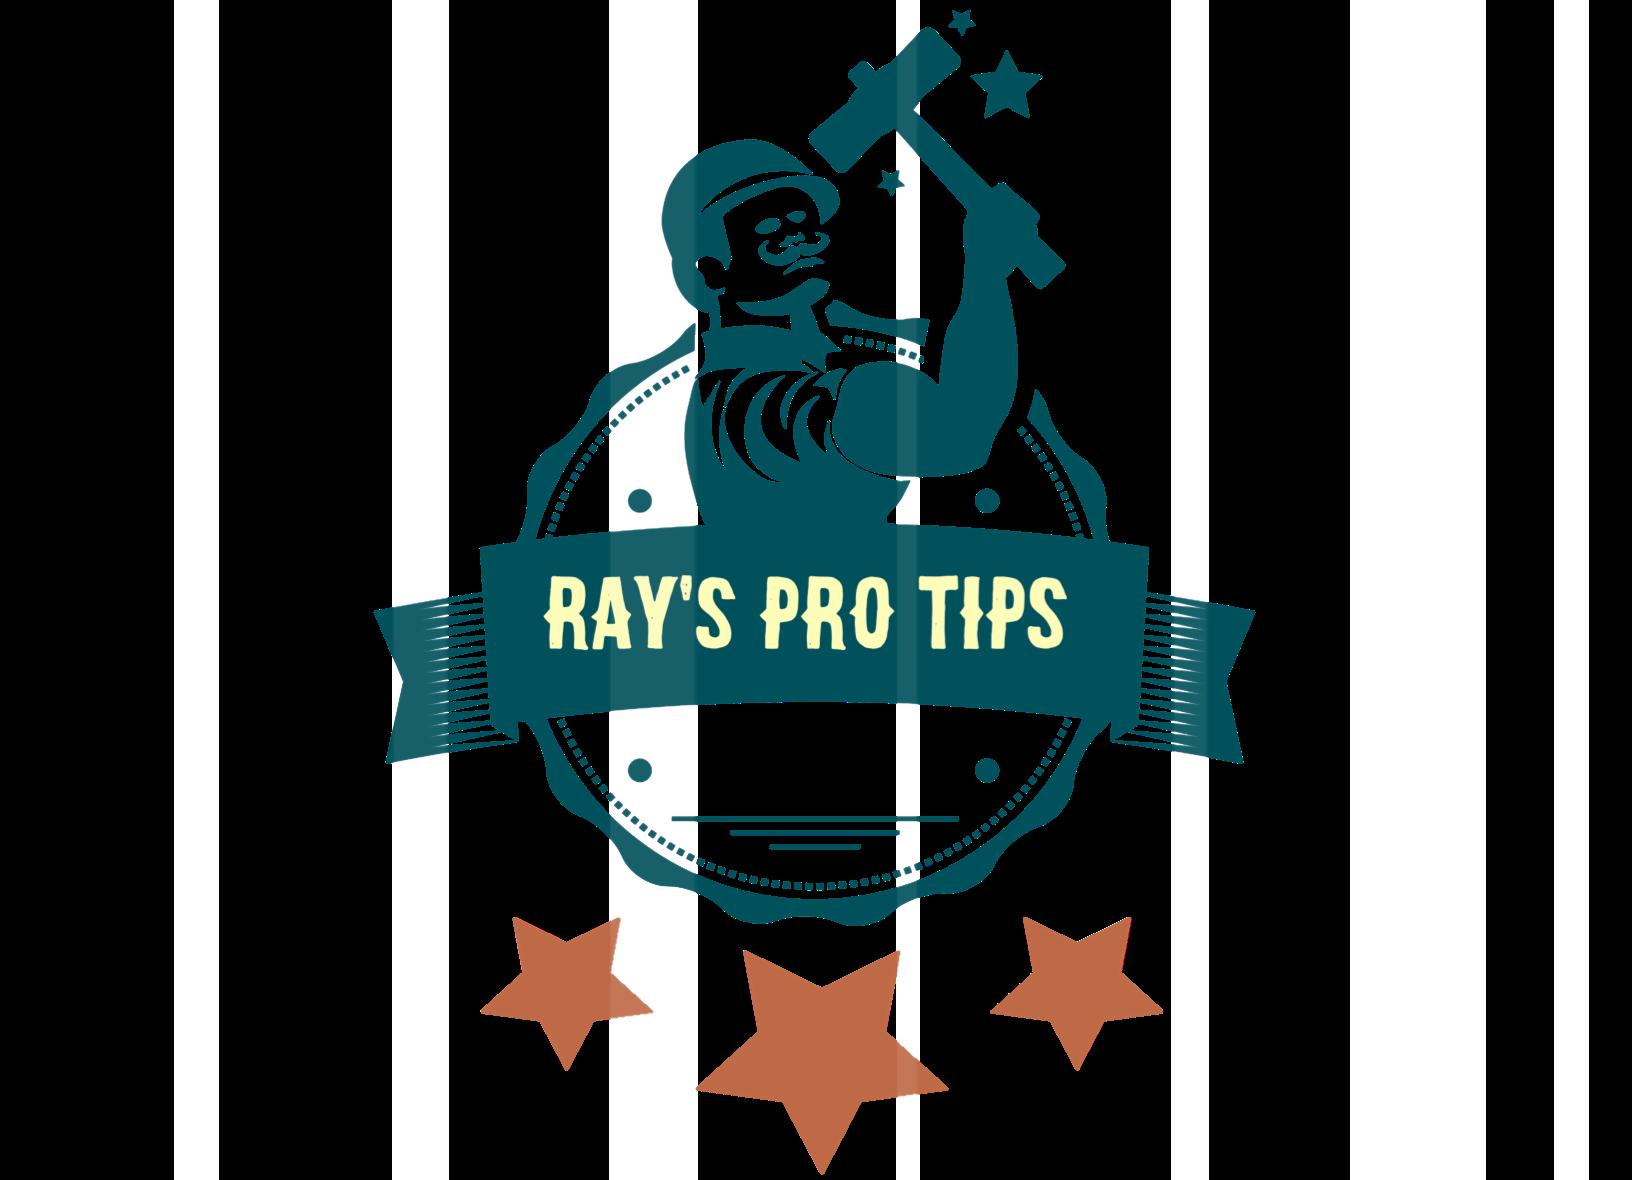 Ray's Pro Tips